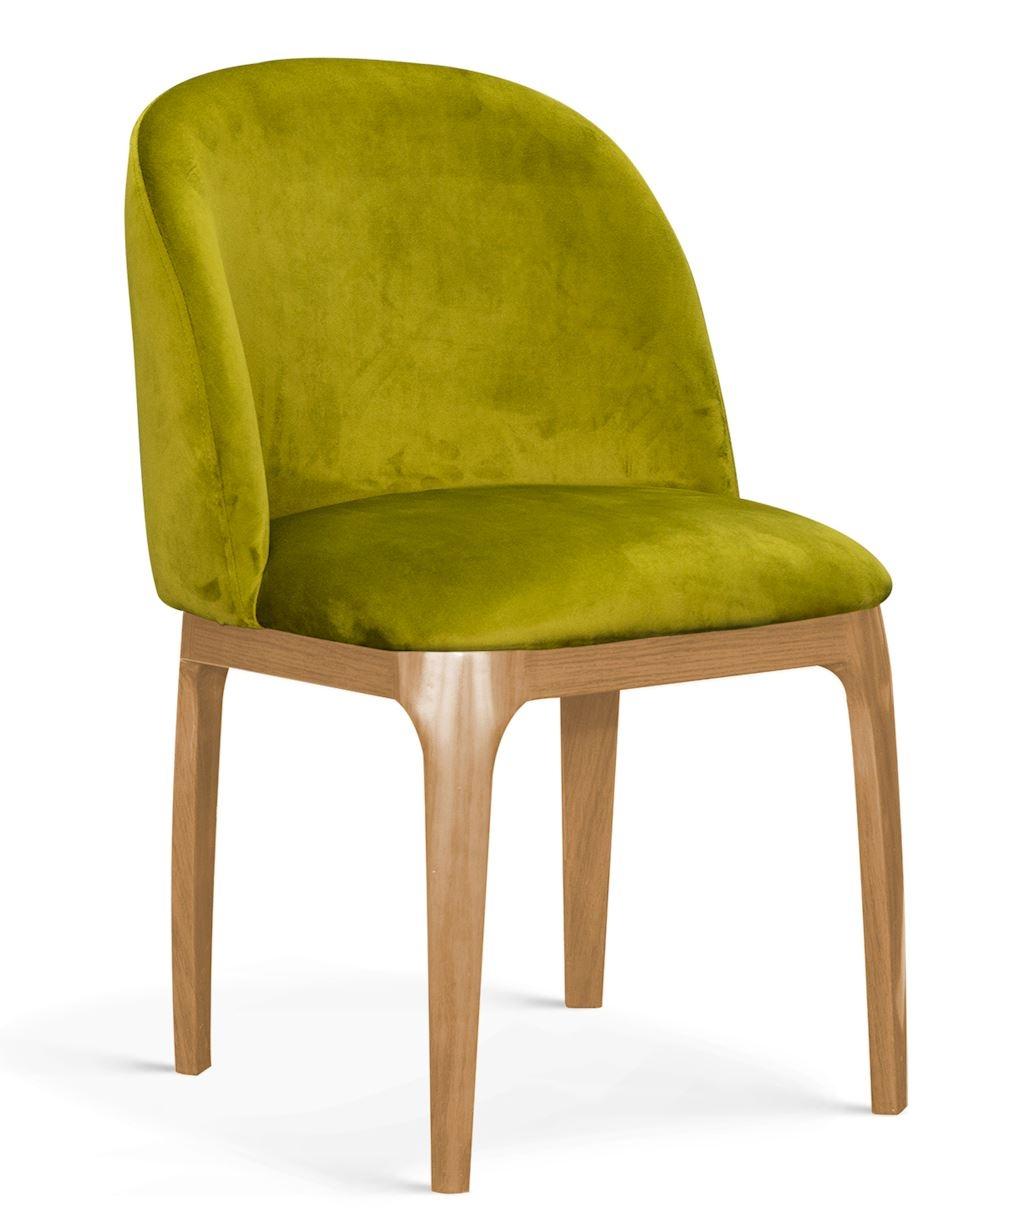 Scaun tapitat cu stofa, cu picioare metalice Grace Verde Olive / Stejar, l53xA56xH83 cm